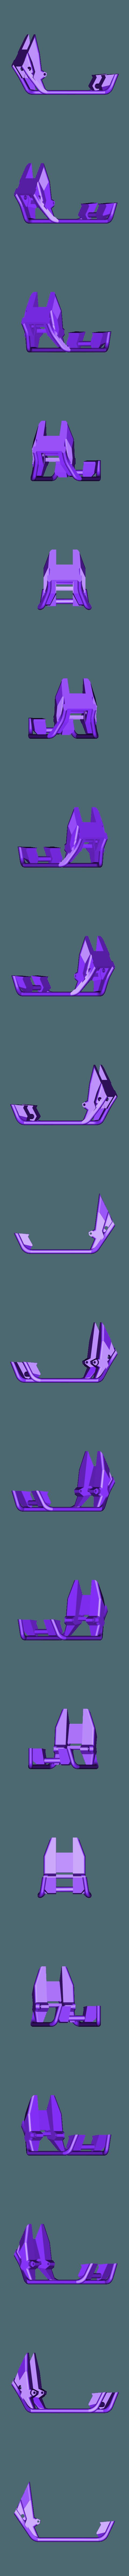 Frame_p2.STL Download STL file Cafe racer • Model to 3D print, Guillaume_975